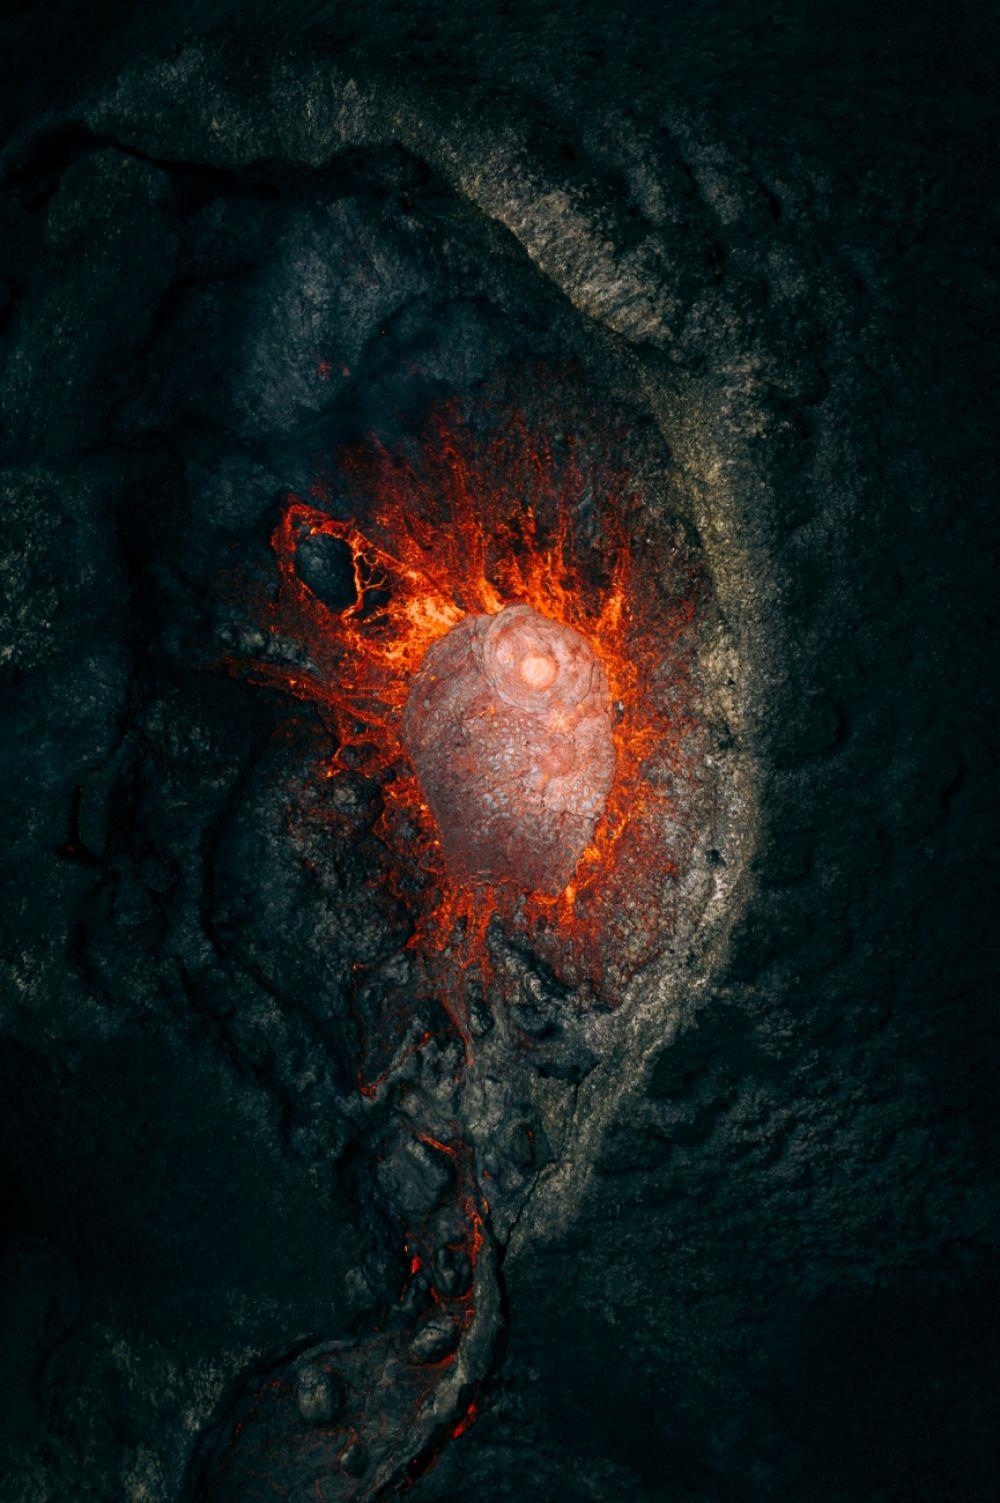 В категории «Природа» победил Мартин Санчес (Martin Sanchez). На фотографии запечатлён момент извержения вулкана в Исландии